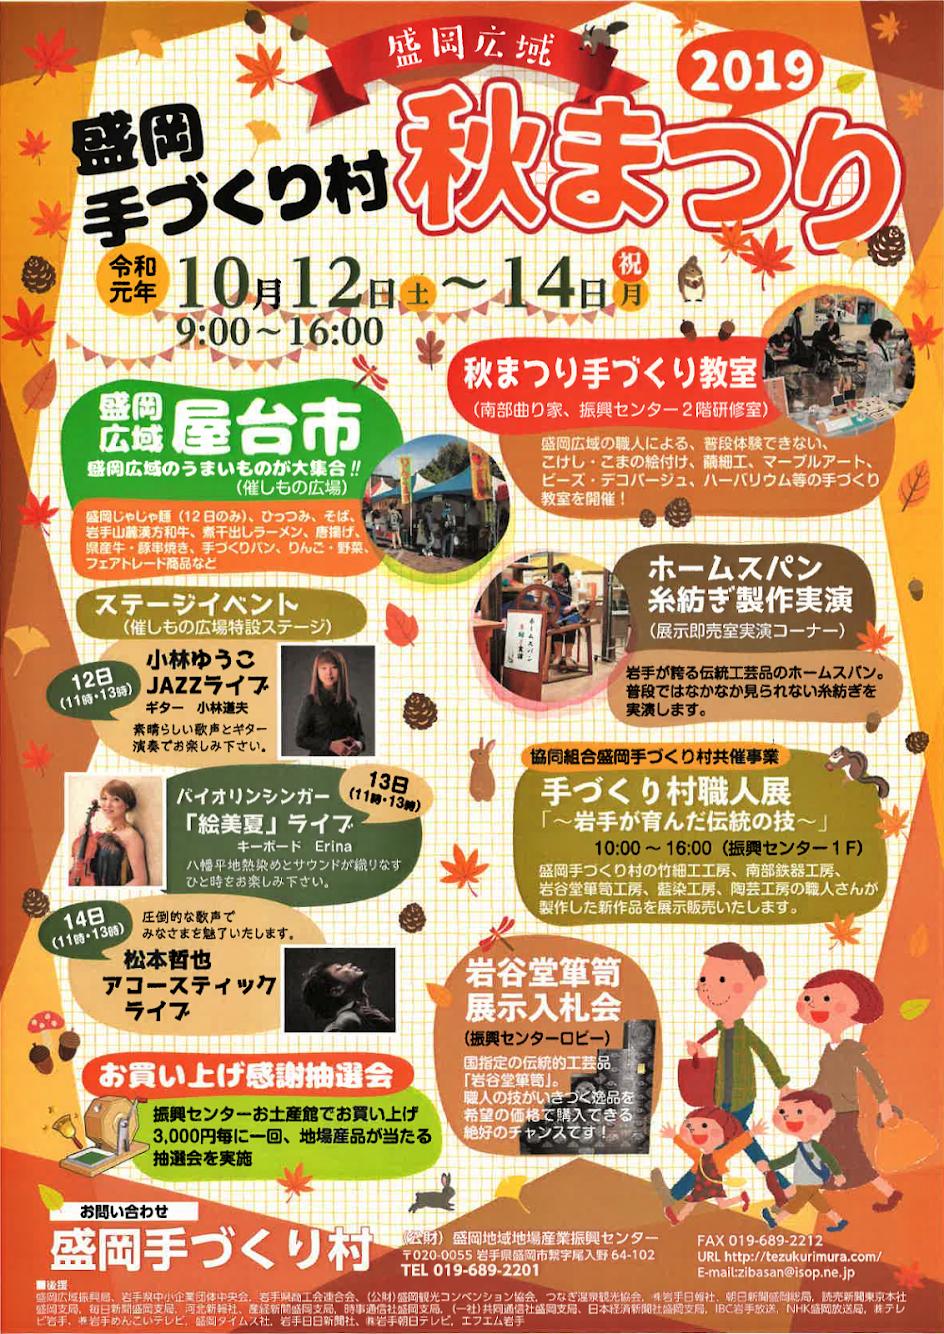 10/12-14「盛岡手づくり村秋まつり2019」開催決定!